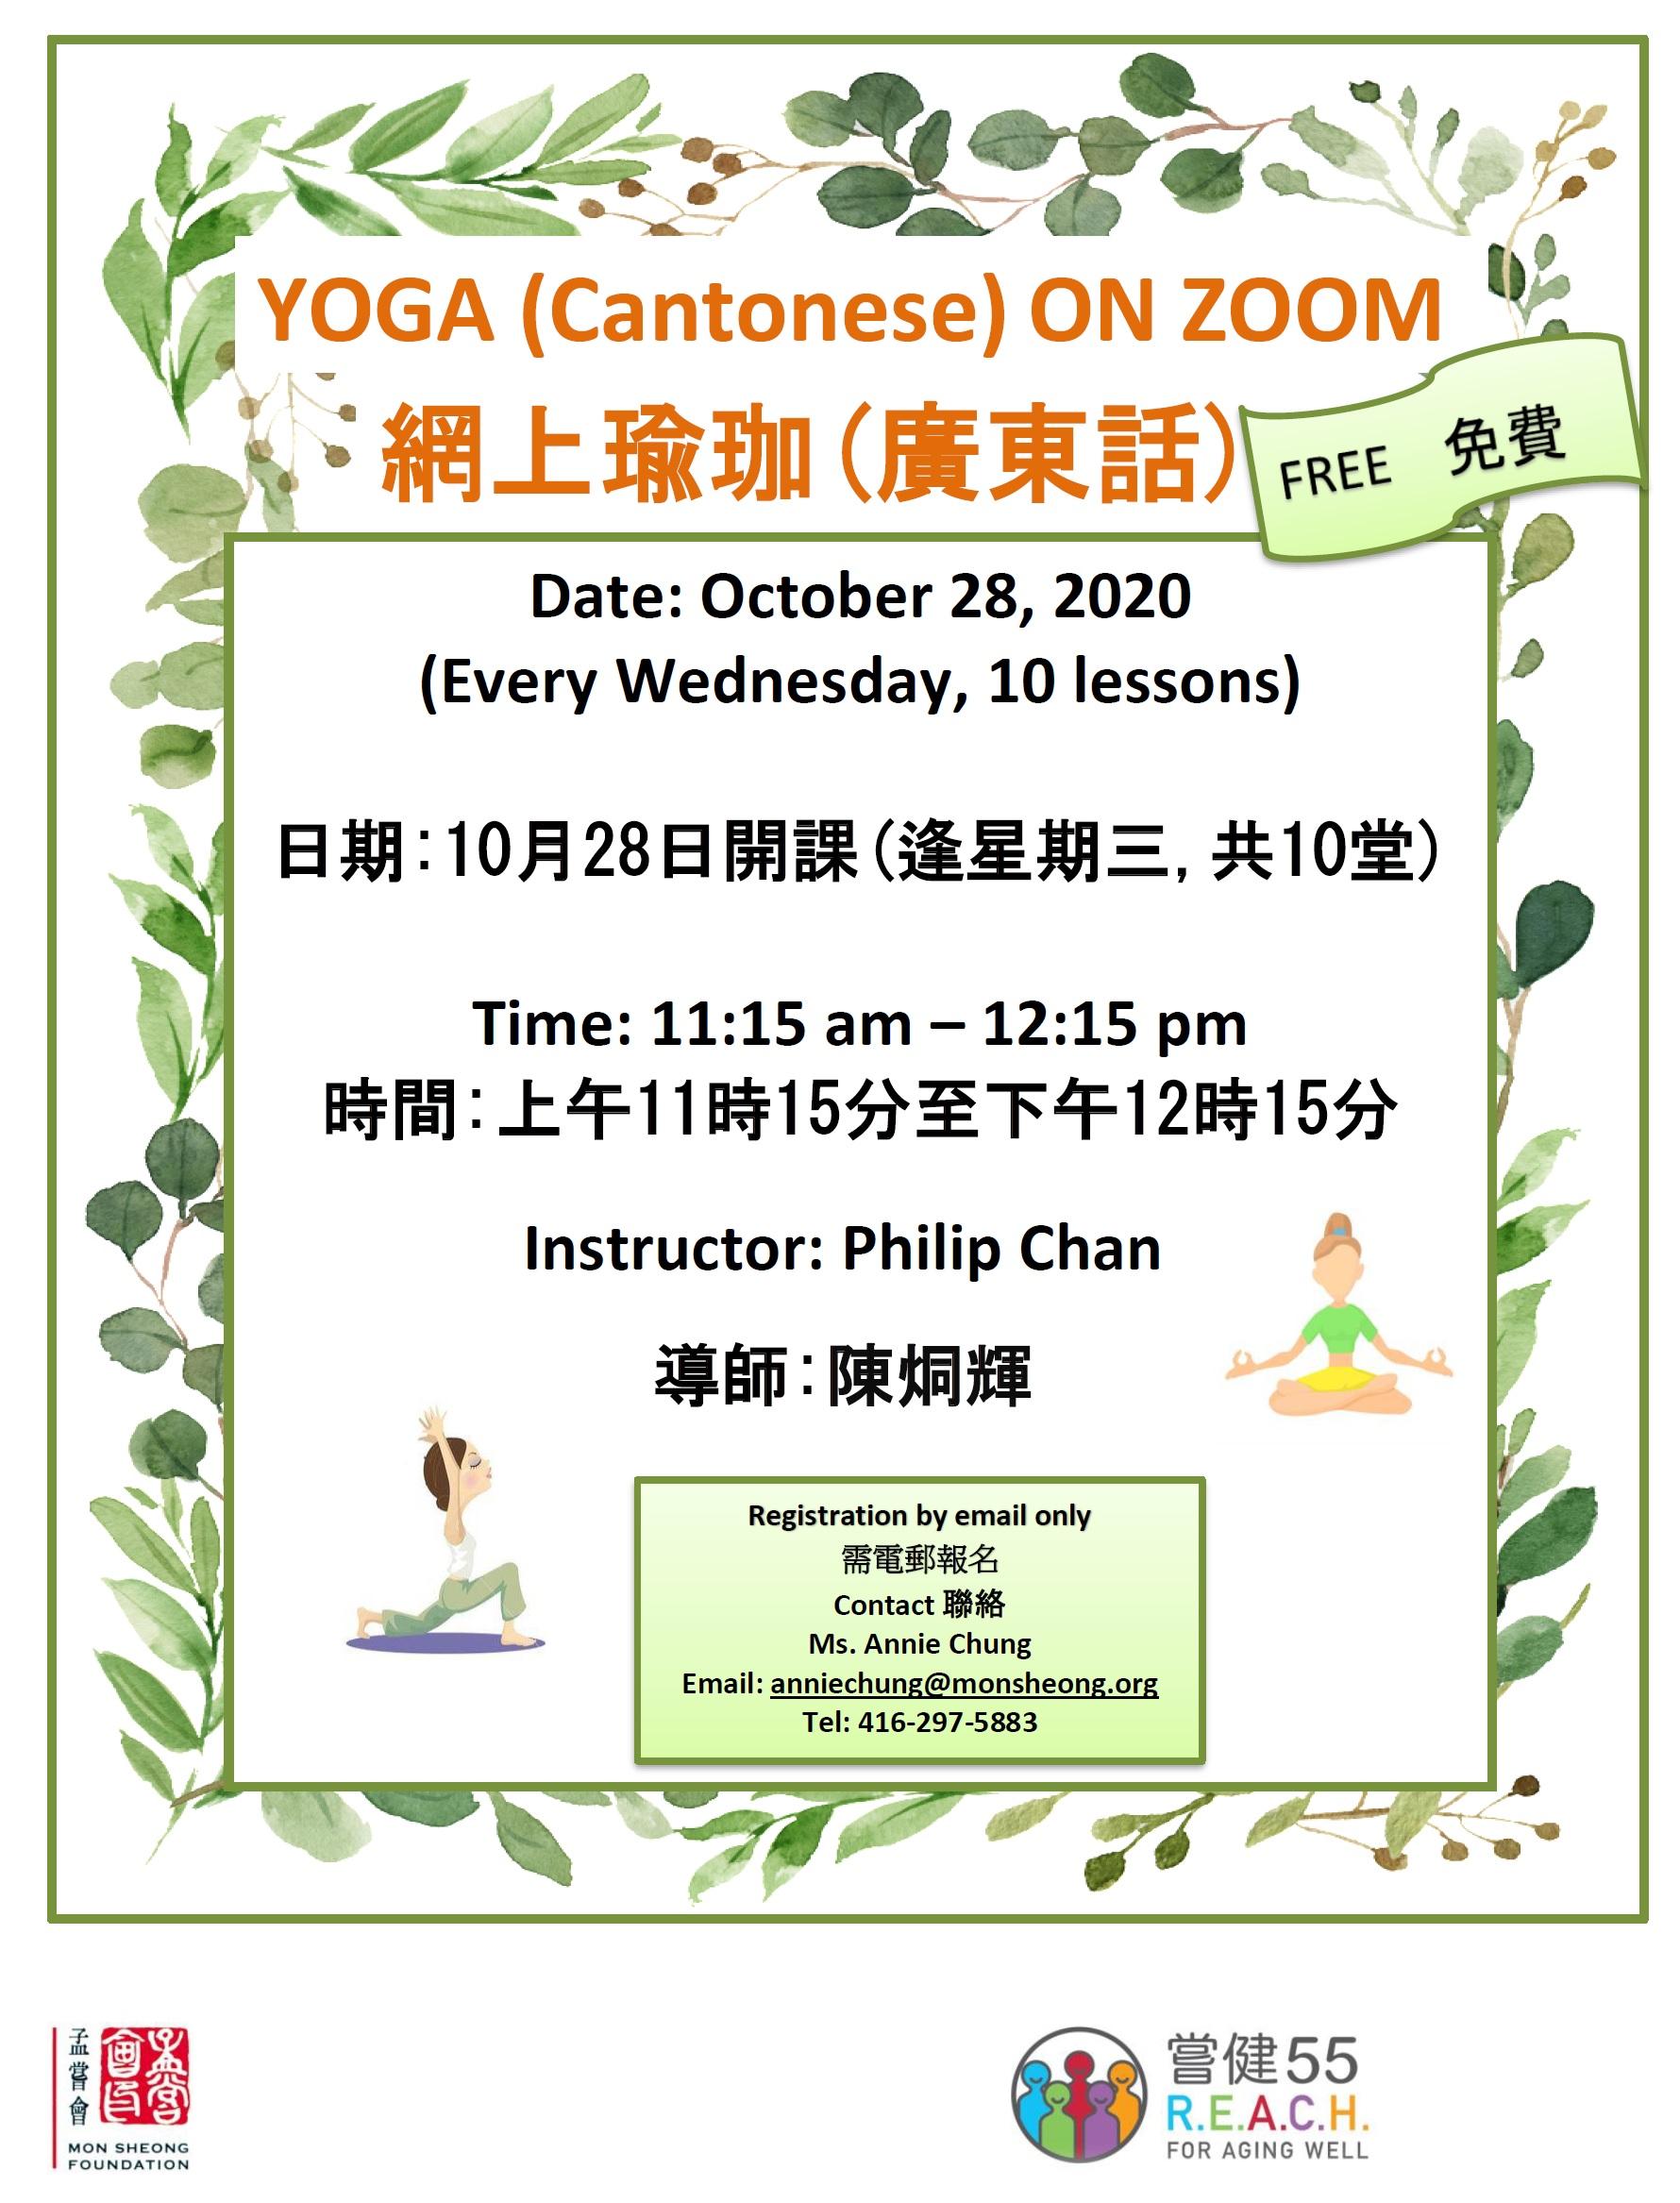 Yoga (Cantonese) on Zoom